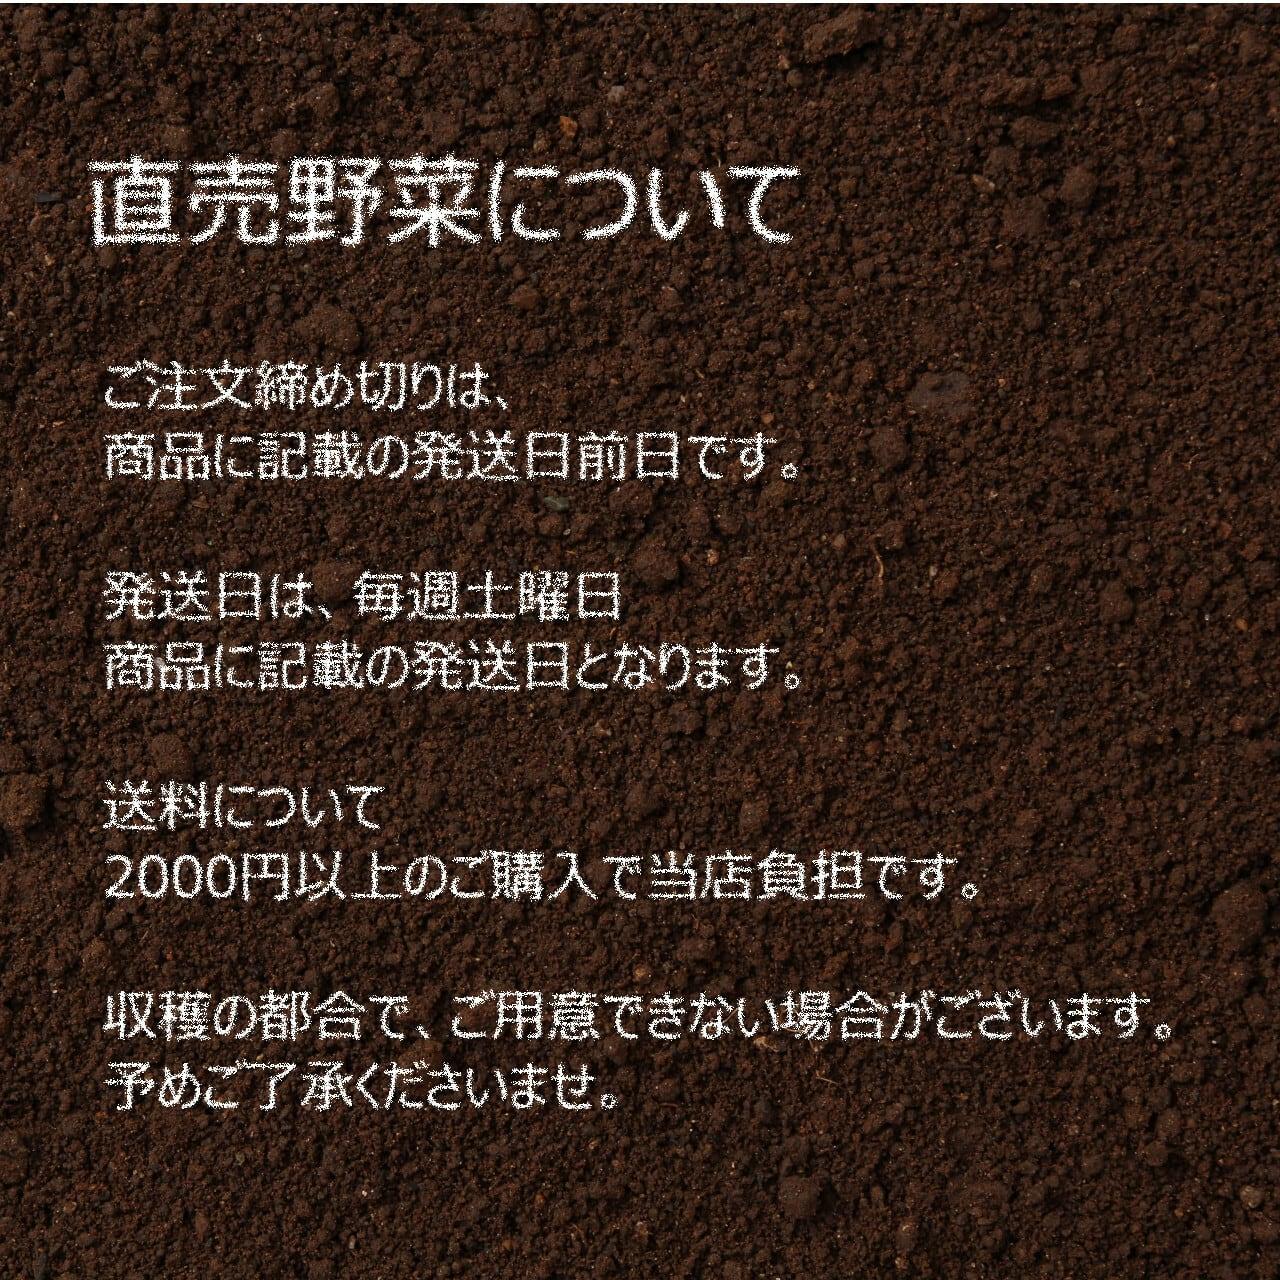 ガーデンレタス 約150g : 6月の朝採り直売野菜  春の新鮮野菜 6月13日発送予定